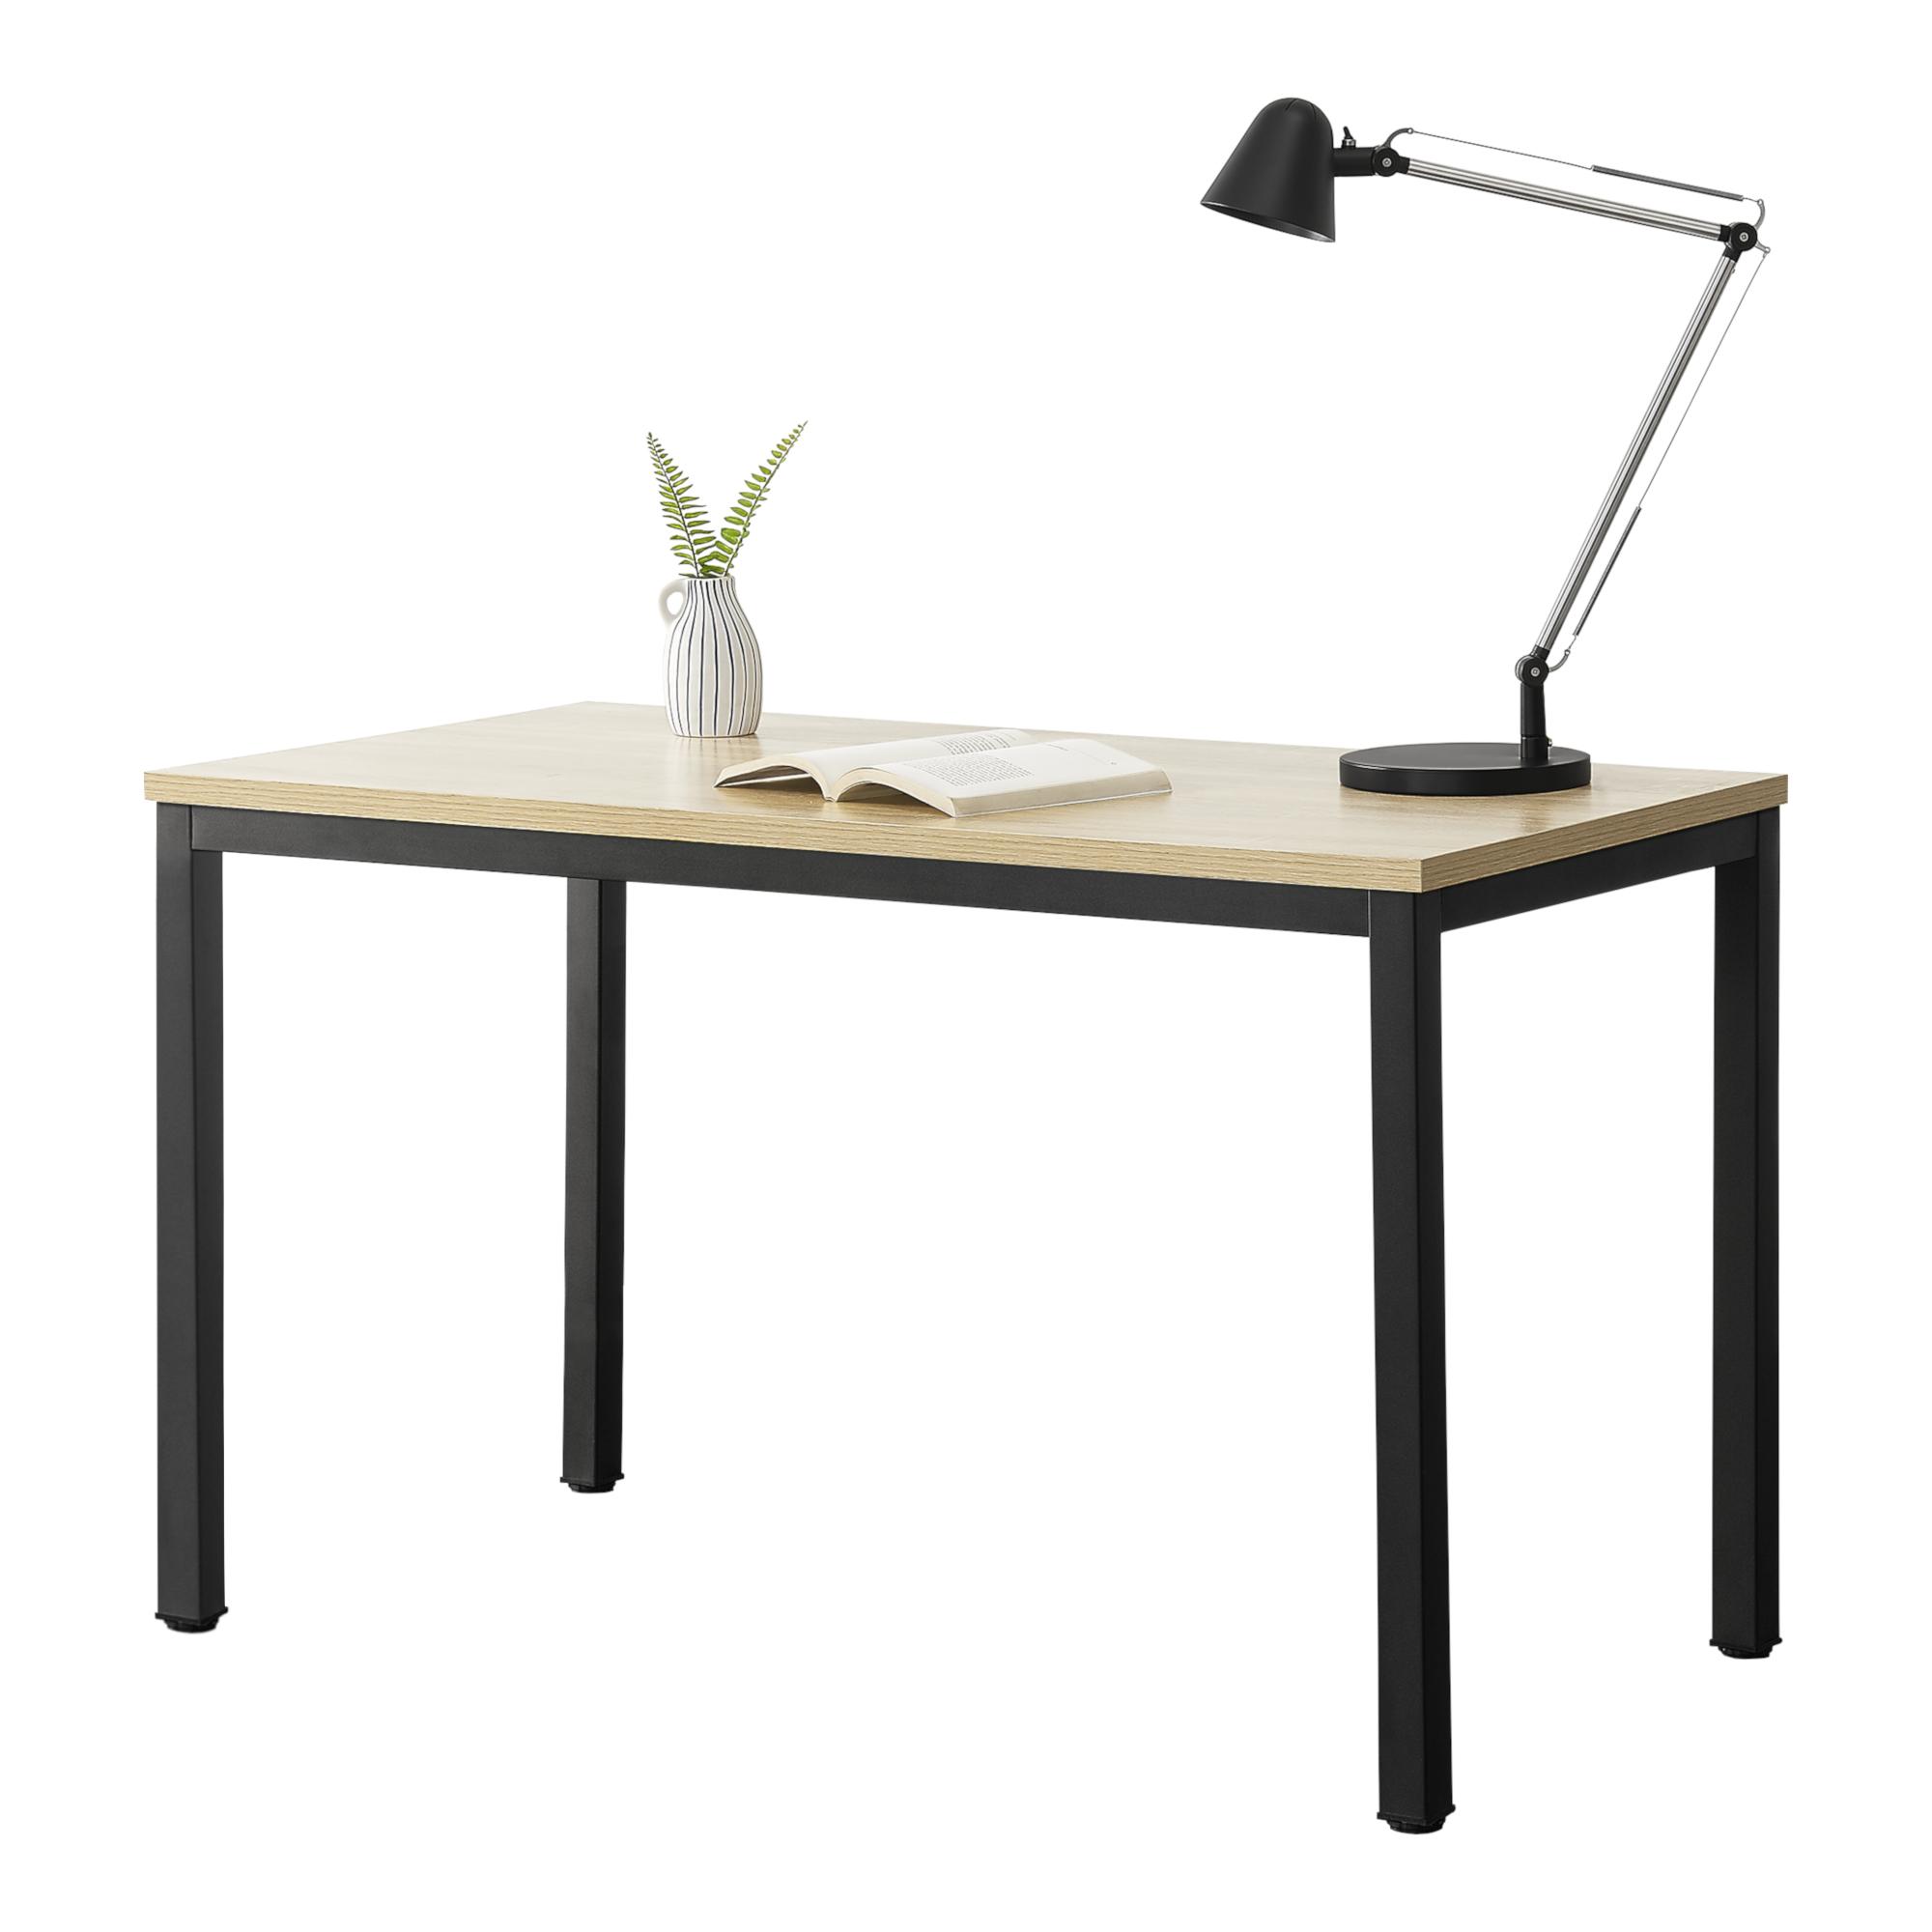 Mesa Escritorio Odense Escritorio de Ordenador 75 x 120 x 60 cm Mesa para j/óvenes Mesa de Oficina Mesa de Trabajo Negro y Color Roble en.casa